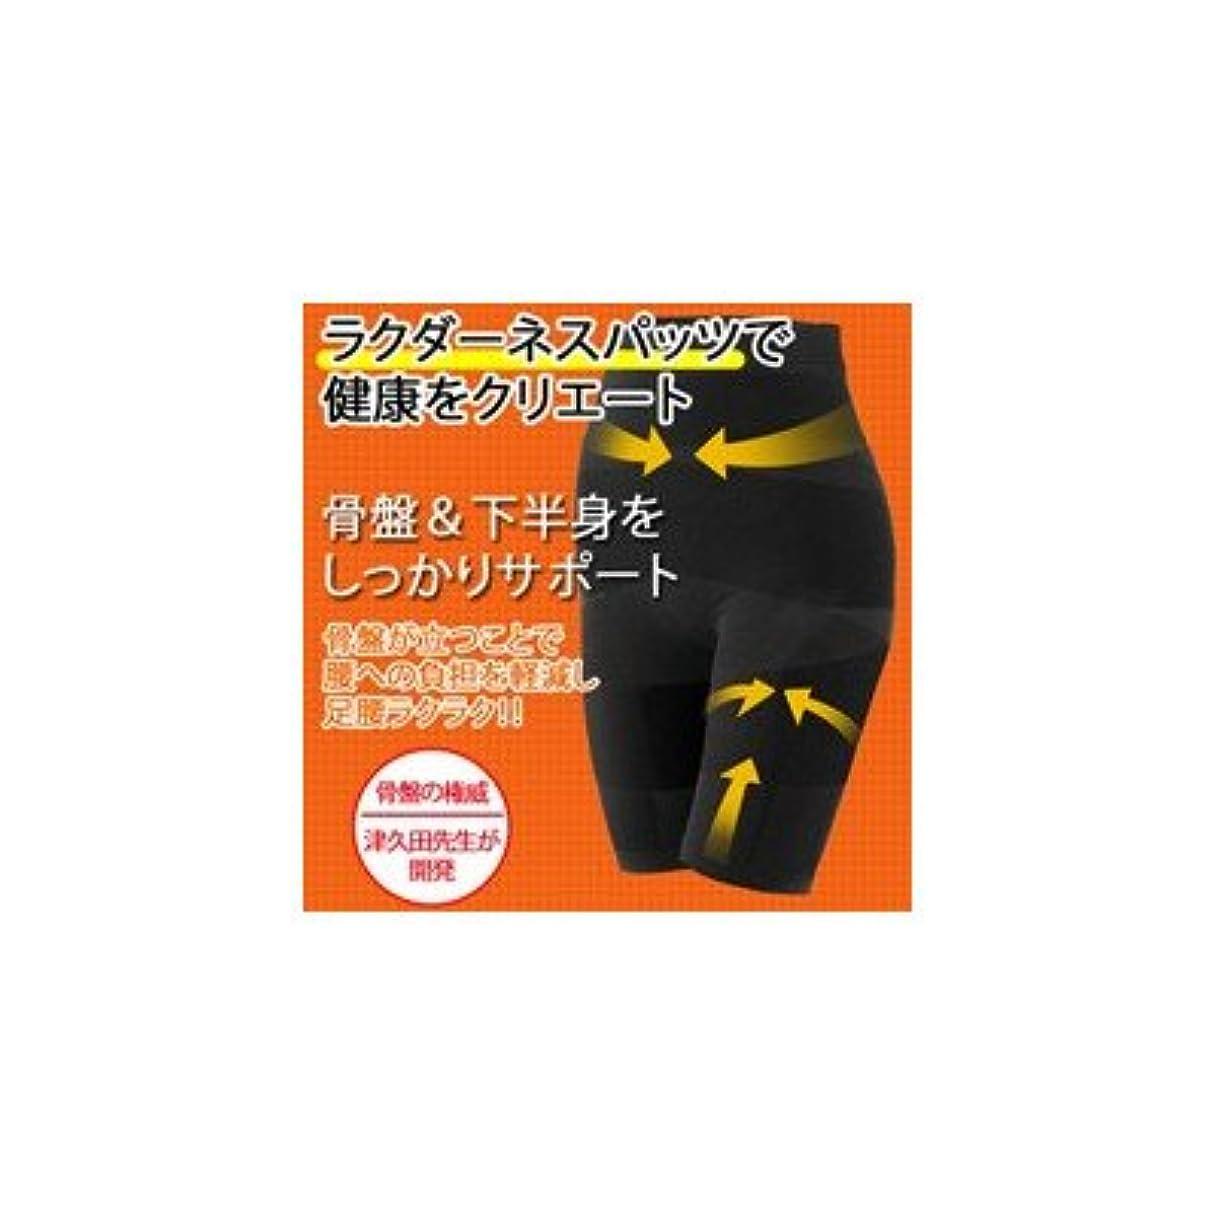 社会学区画船津久田先生のラクダーネ スパッツ ショート LL( 画像はイメージ画像です お届けの商品はLLのみとなります)